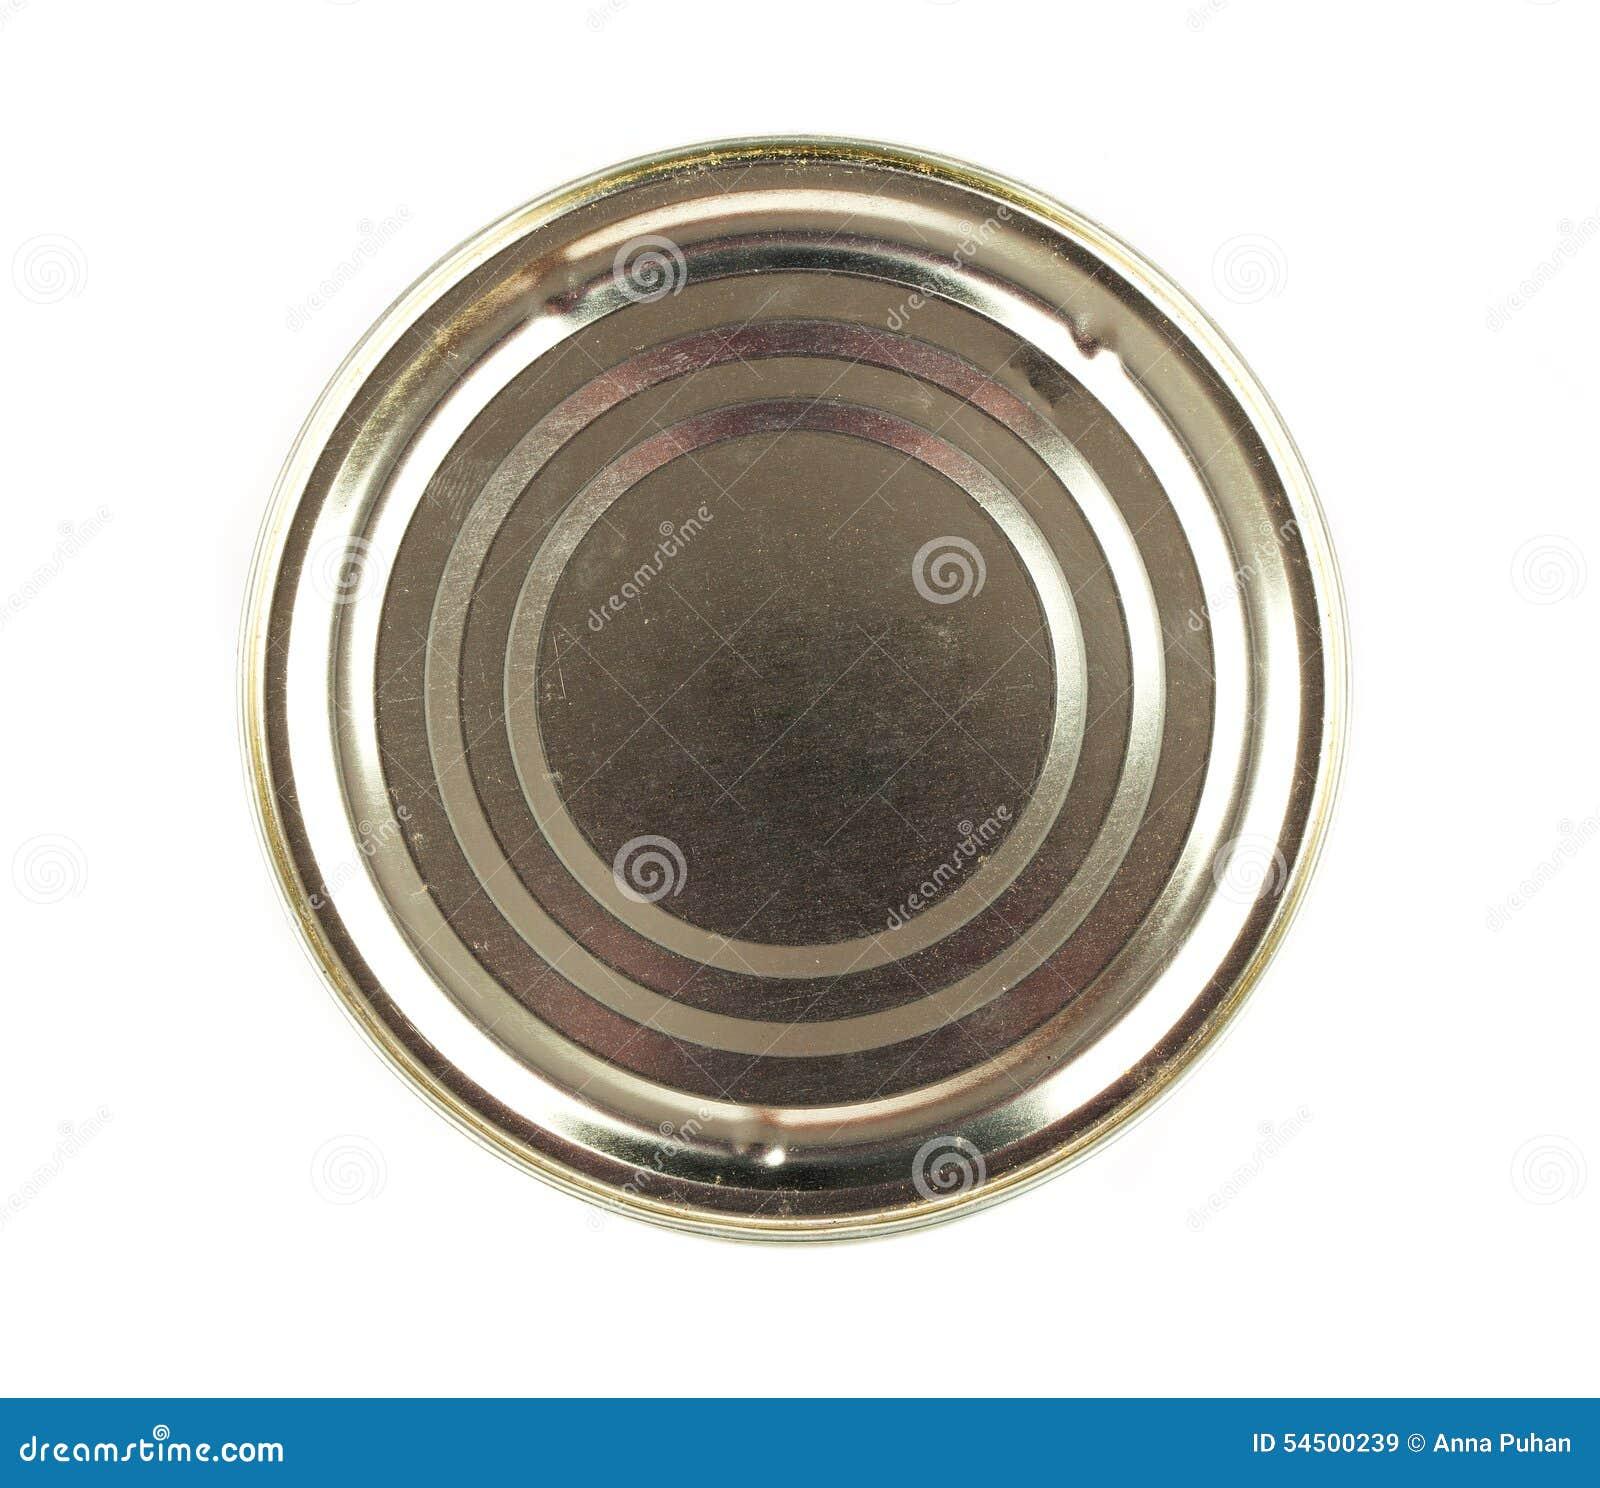 Couvercle ou base de nourriture Tin Can